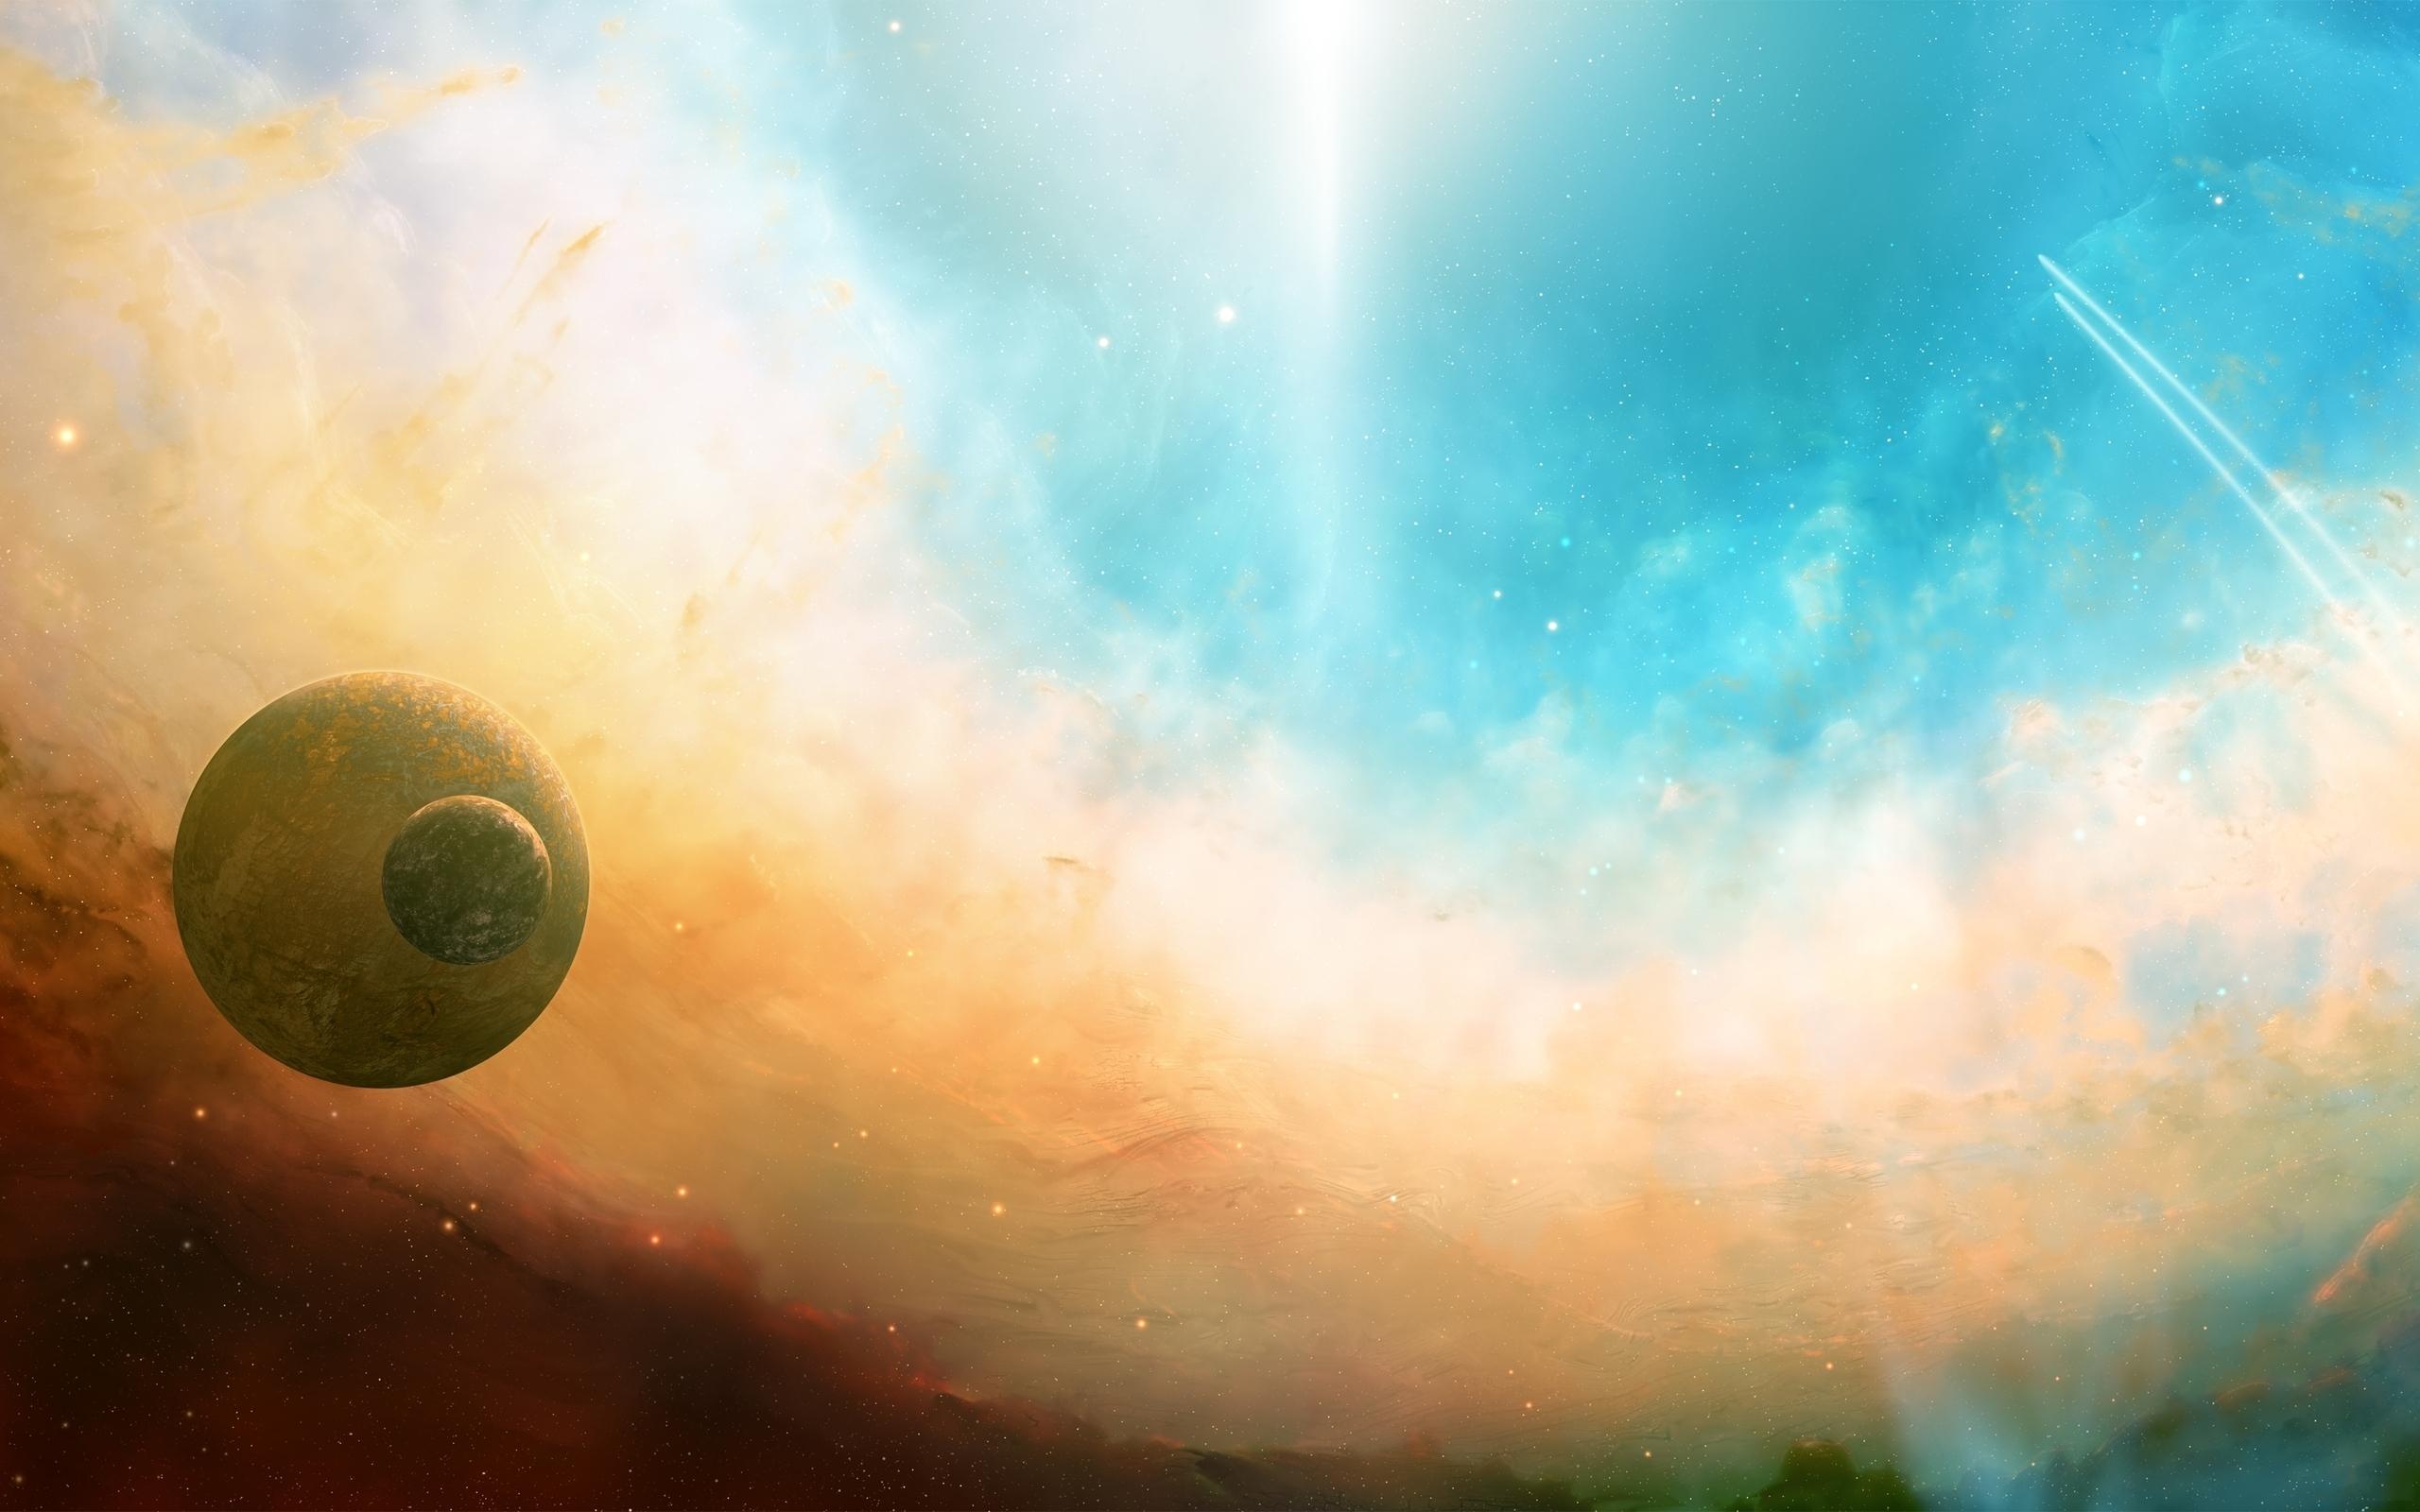 Pianeti full hd sfondo and sfondi 2560x1600 id 280058 for Sfondi pianeti hd